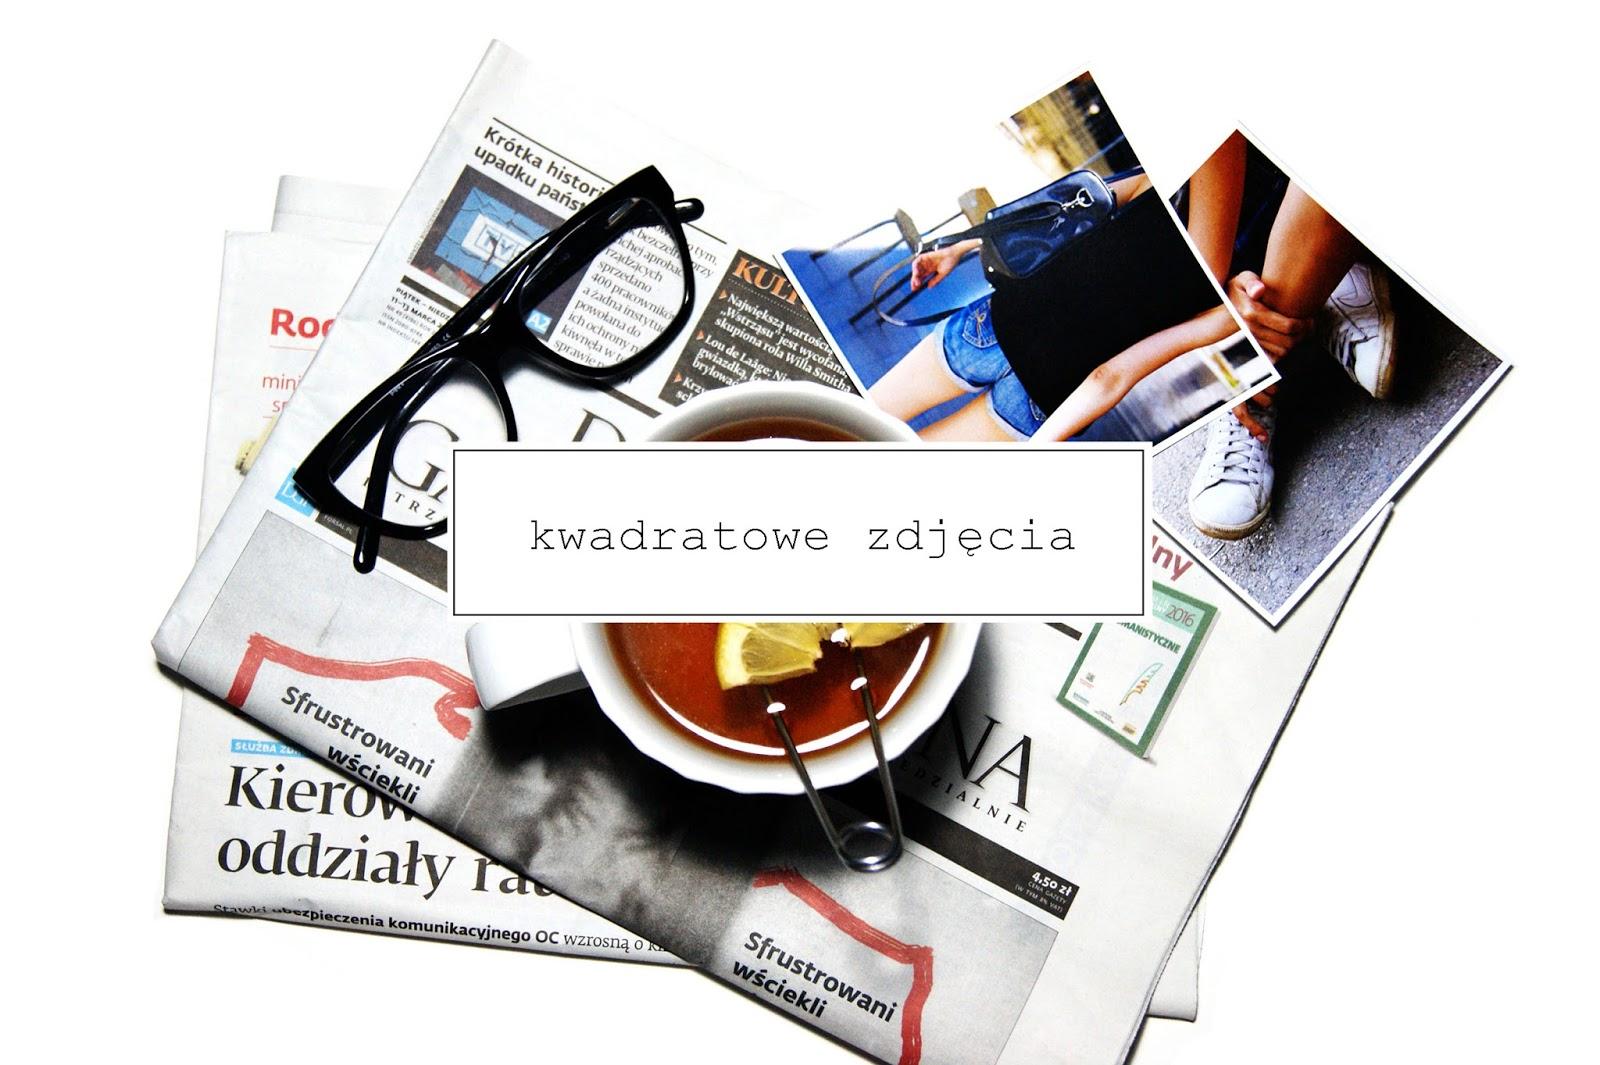 kwadratowe zdjęcia, instagramowe zdjęcia